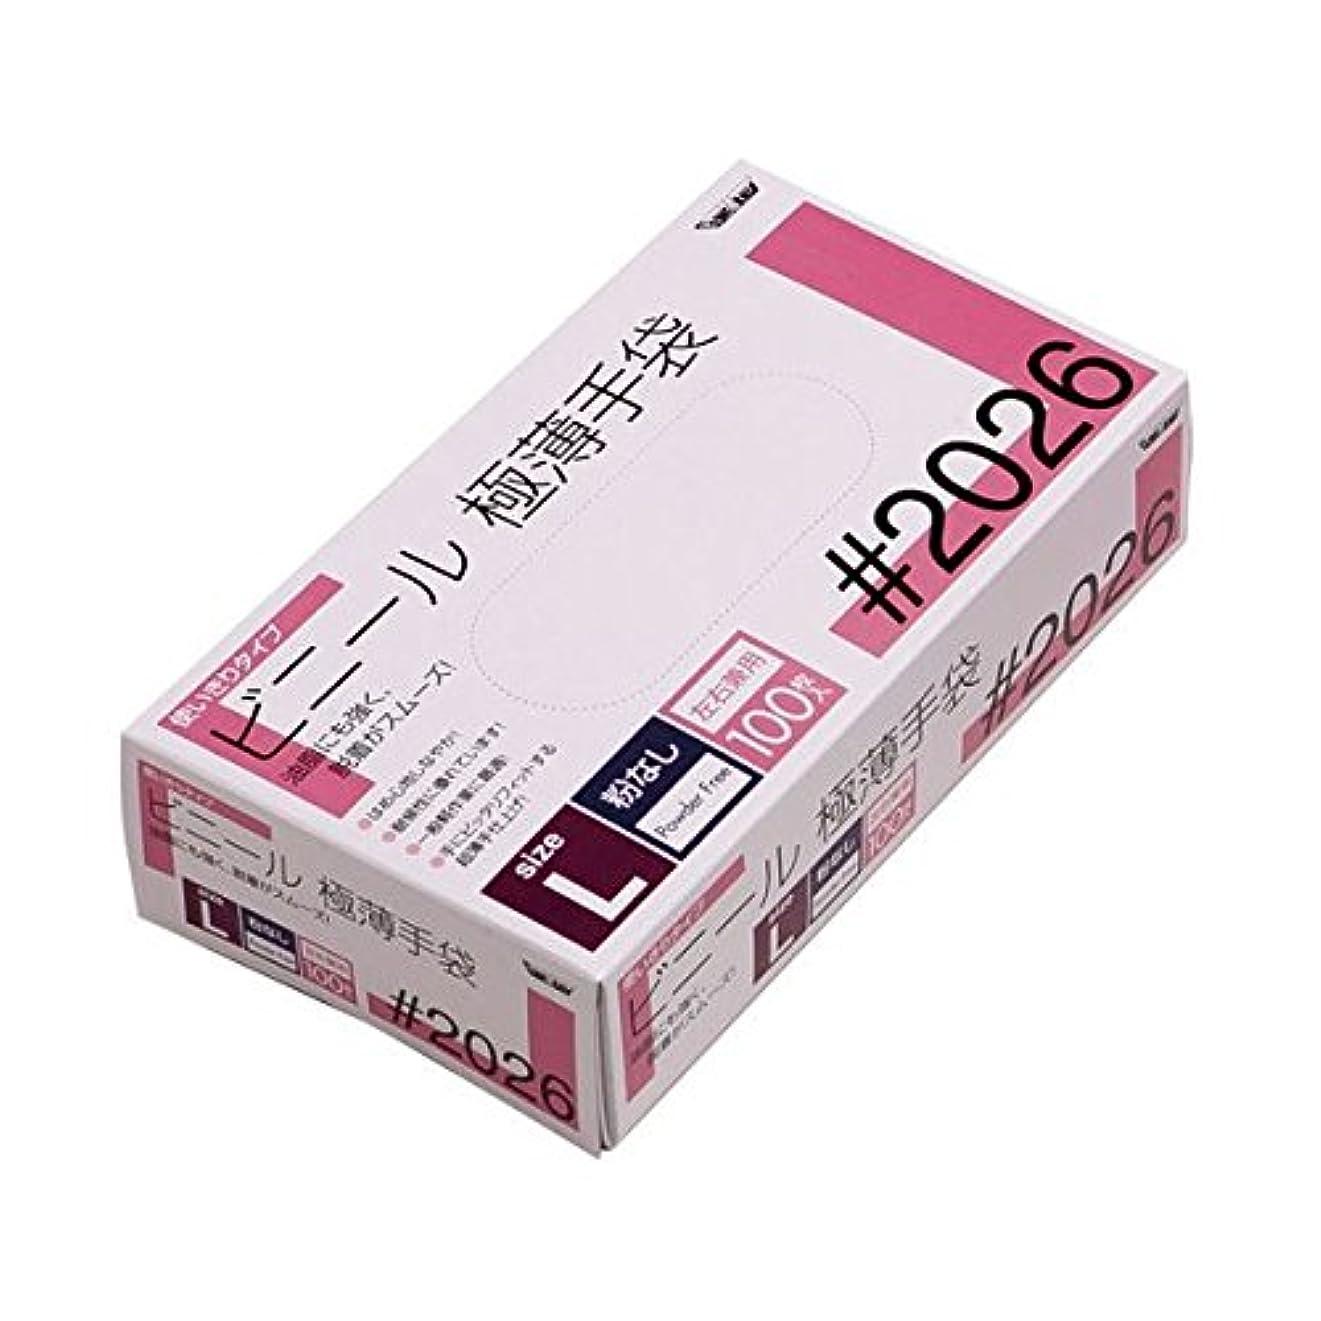 キー超えてポップ川西工業 ビニール極薄手袋 粉なし L 20箱 ds-1915778